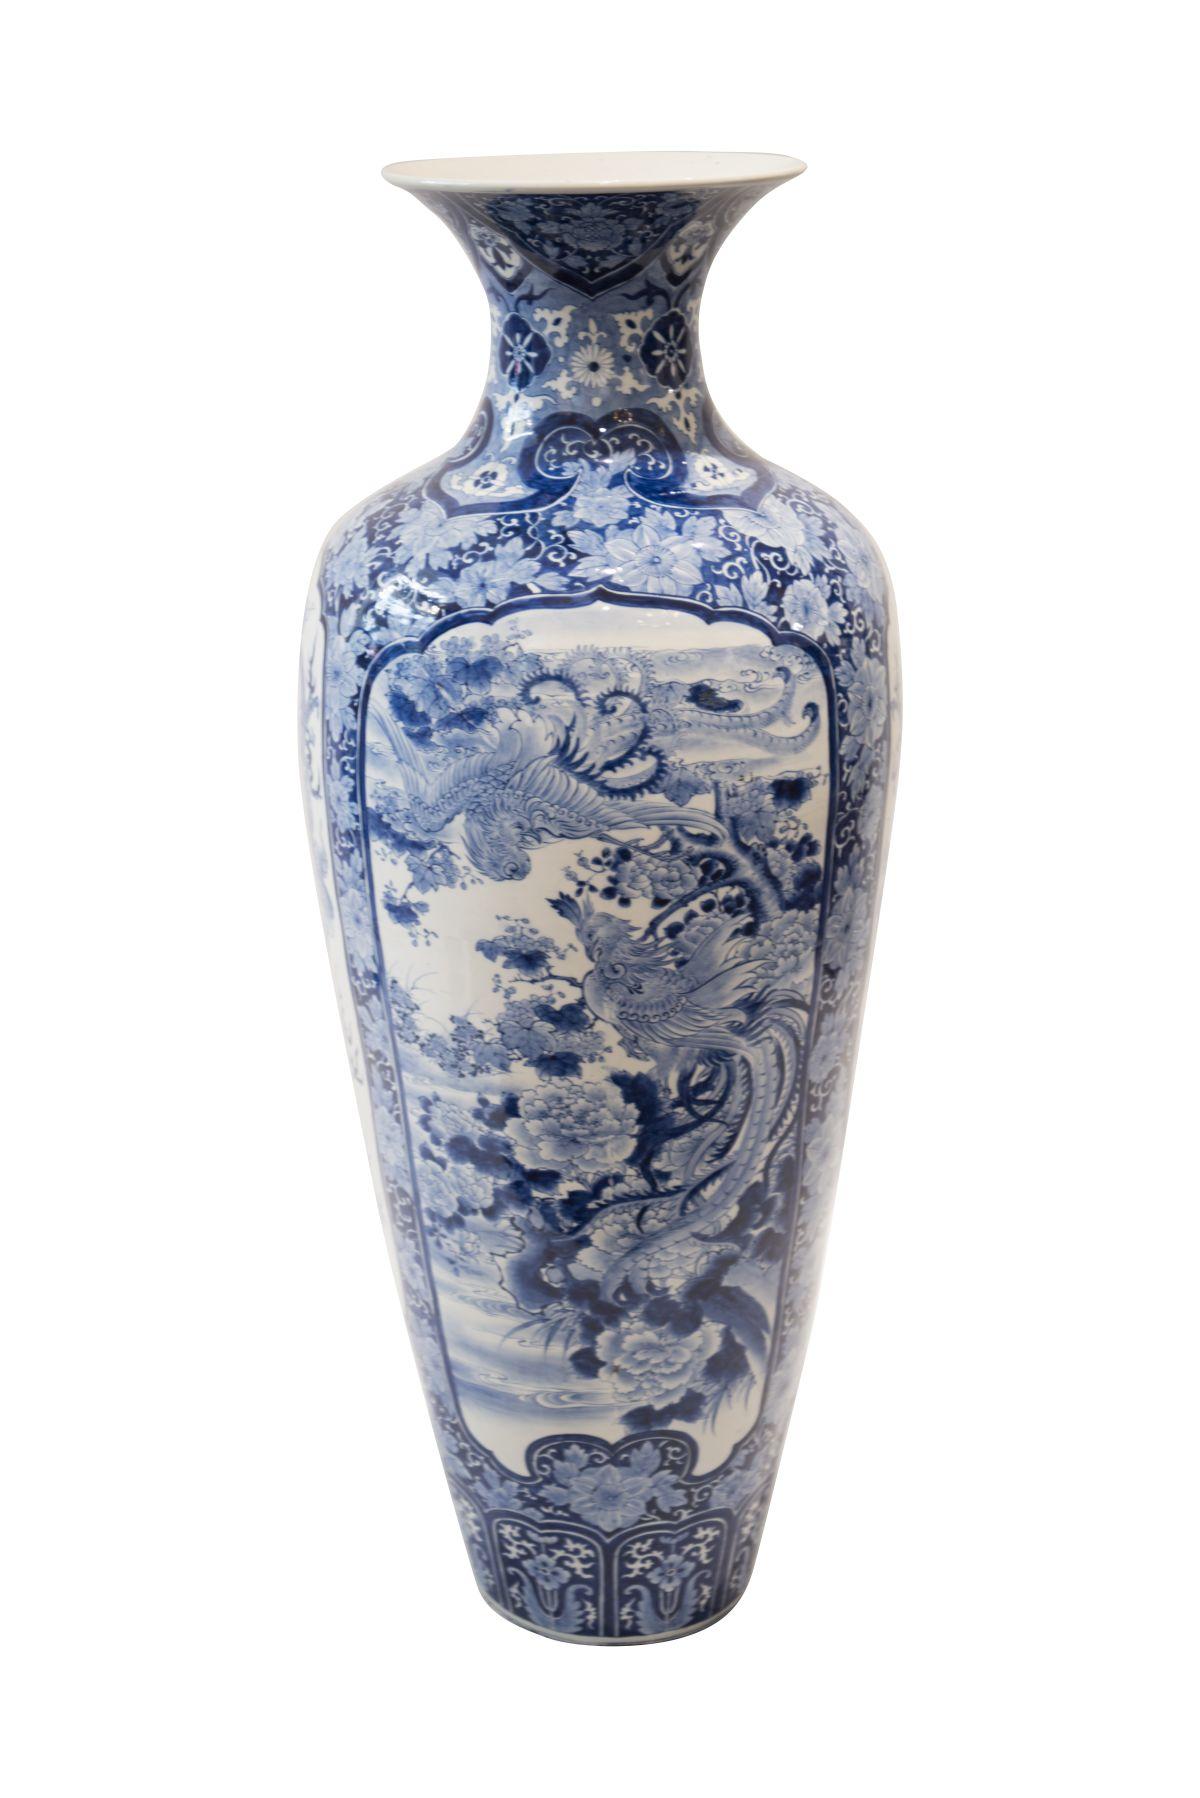 #173 Palace vase   Chinesische Palastvase von imposanter Höhe - 124 cm Image